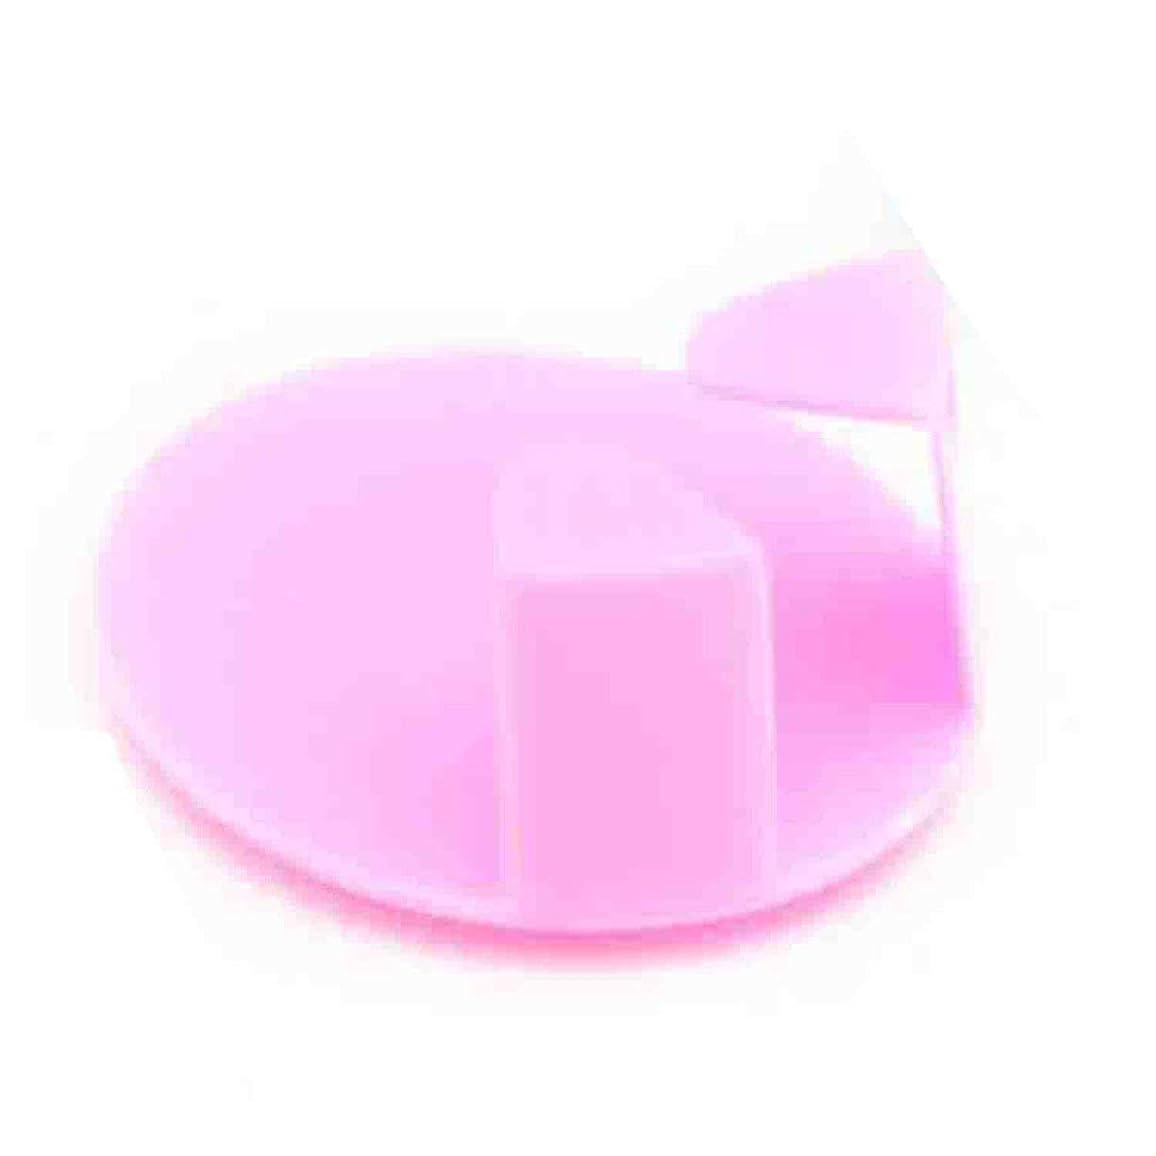 寄生虫怪物引き付けるクリエイティブストレージホルダーラックウォール接着剤多機能スティッキングフック-ピンク